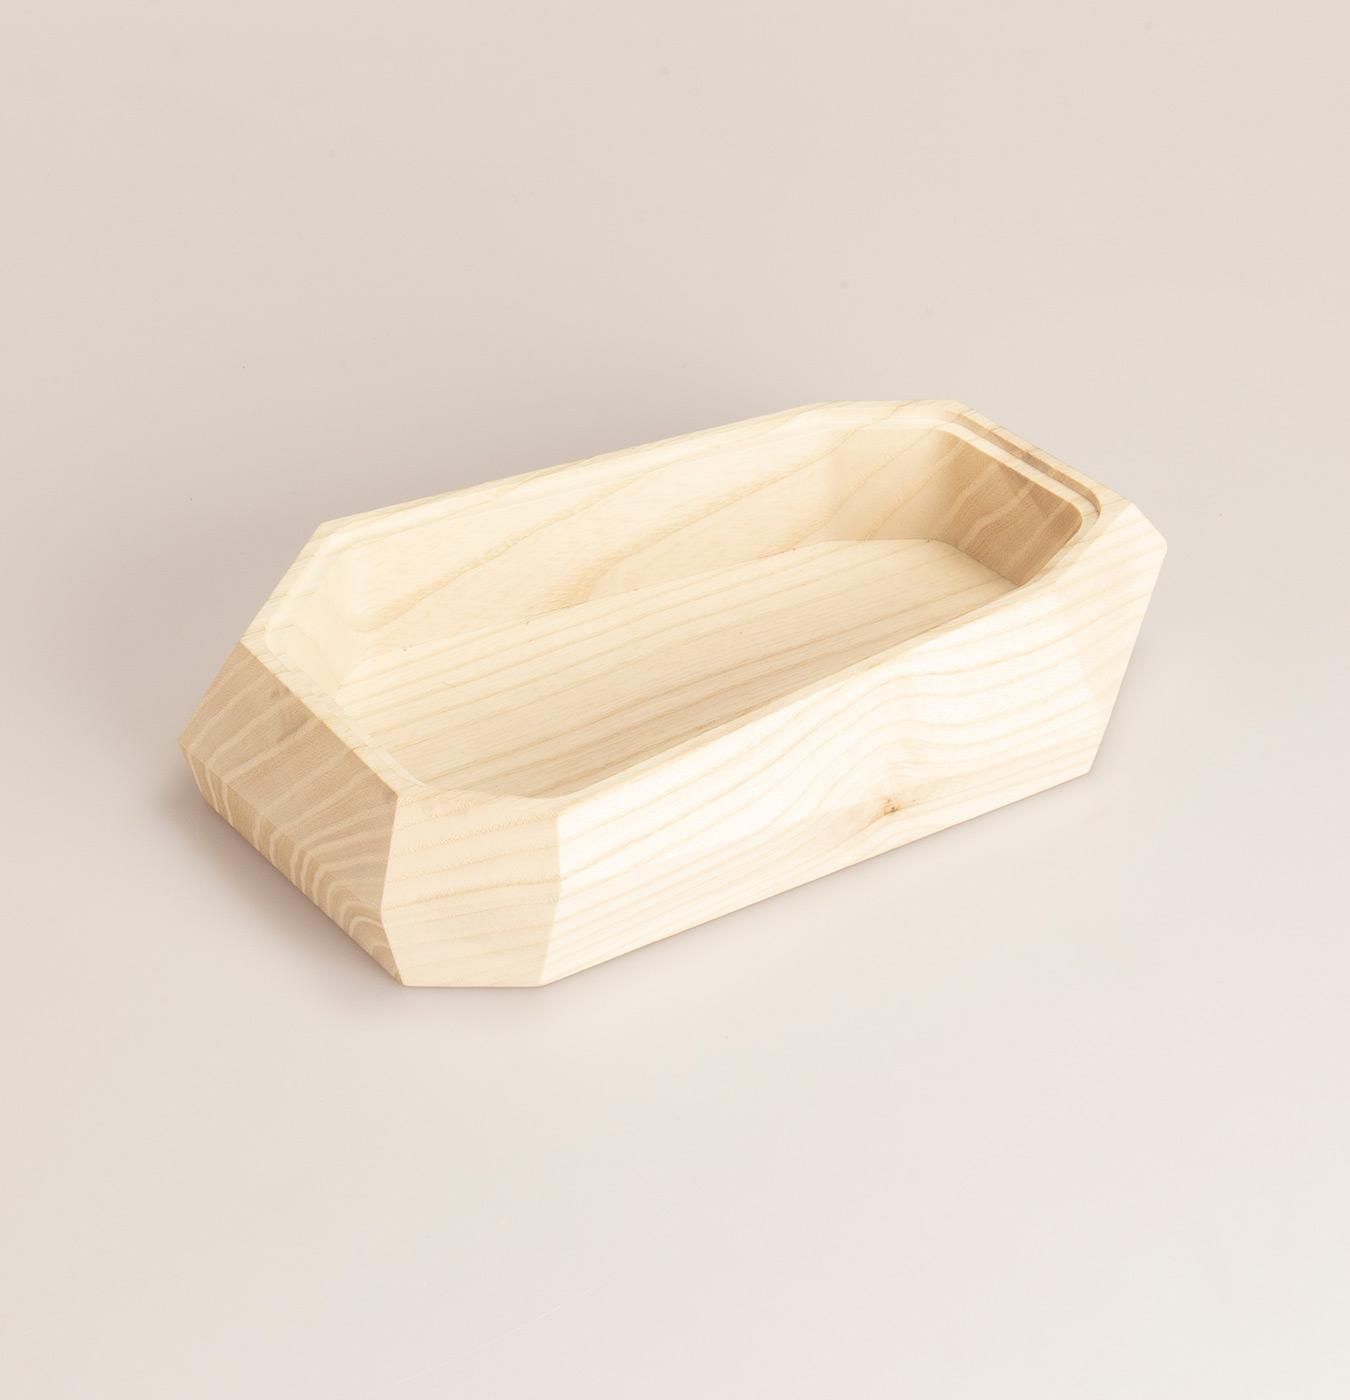 Contenitore in legno massiccio di frassino con coperchio in plexiglass sfumato colorato